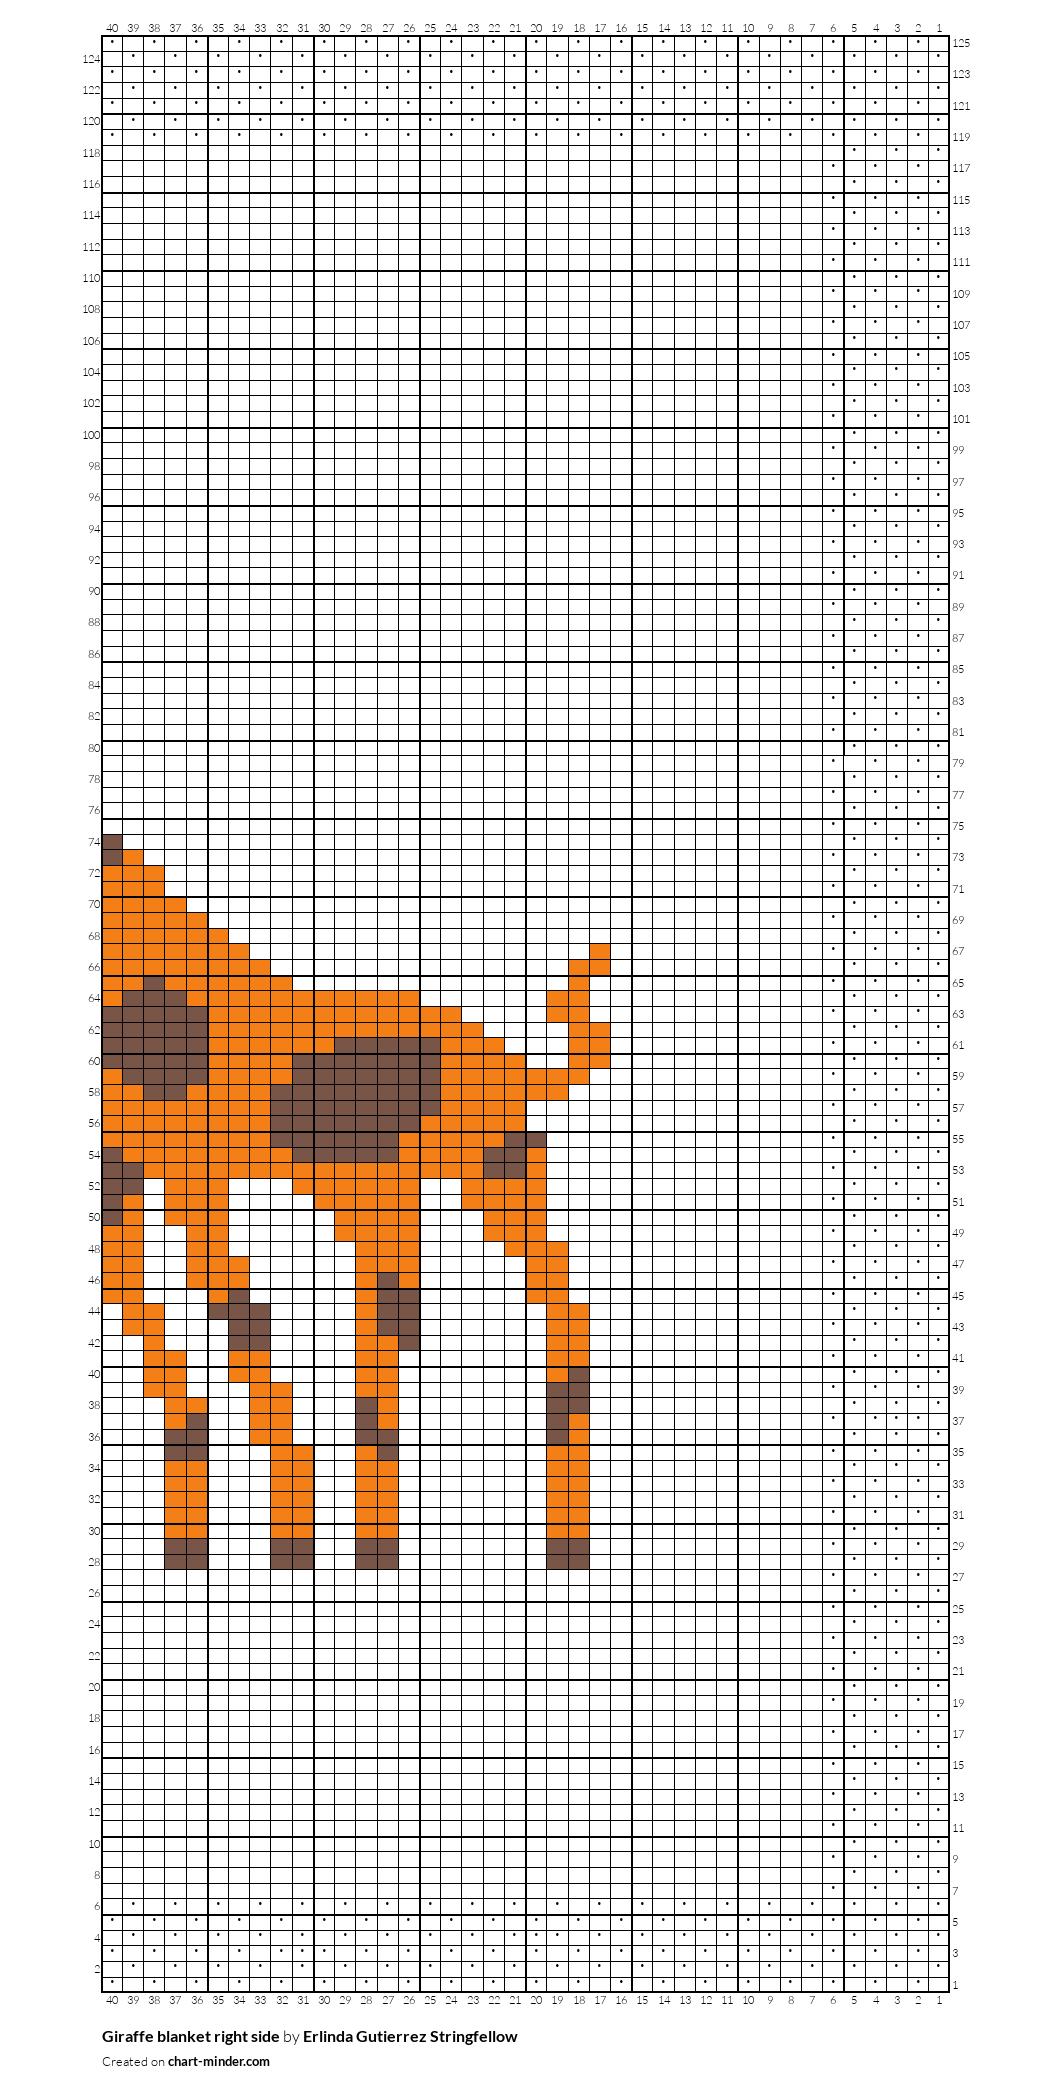 Giraffe blanket right side